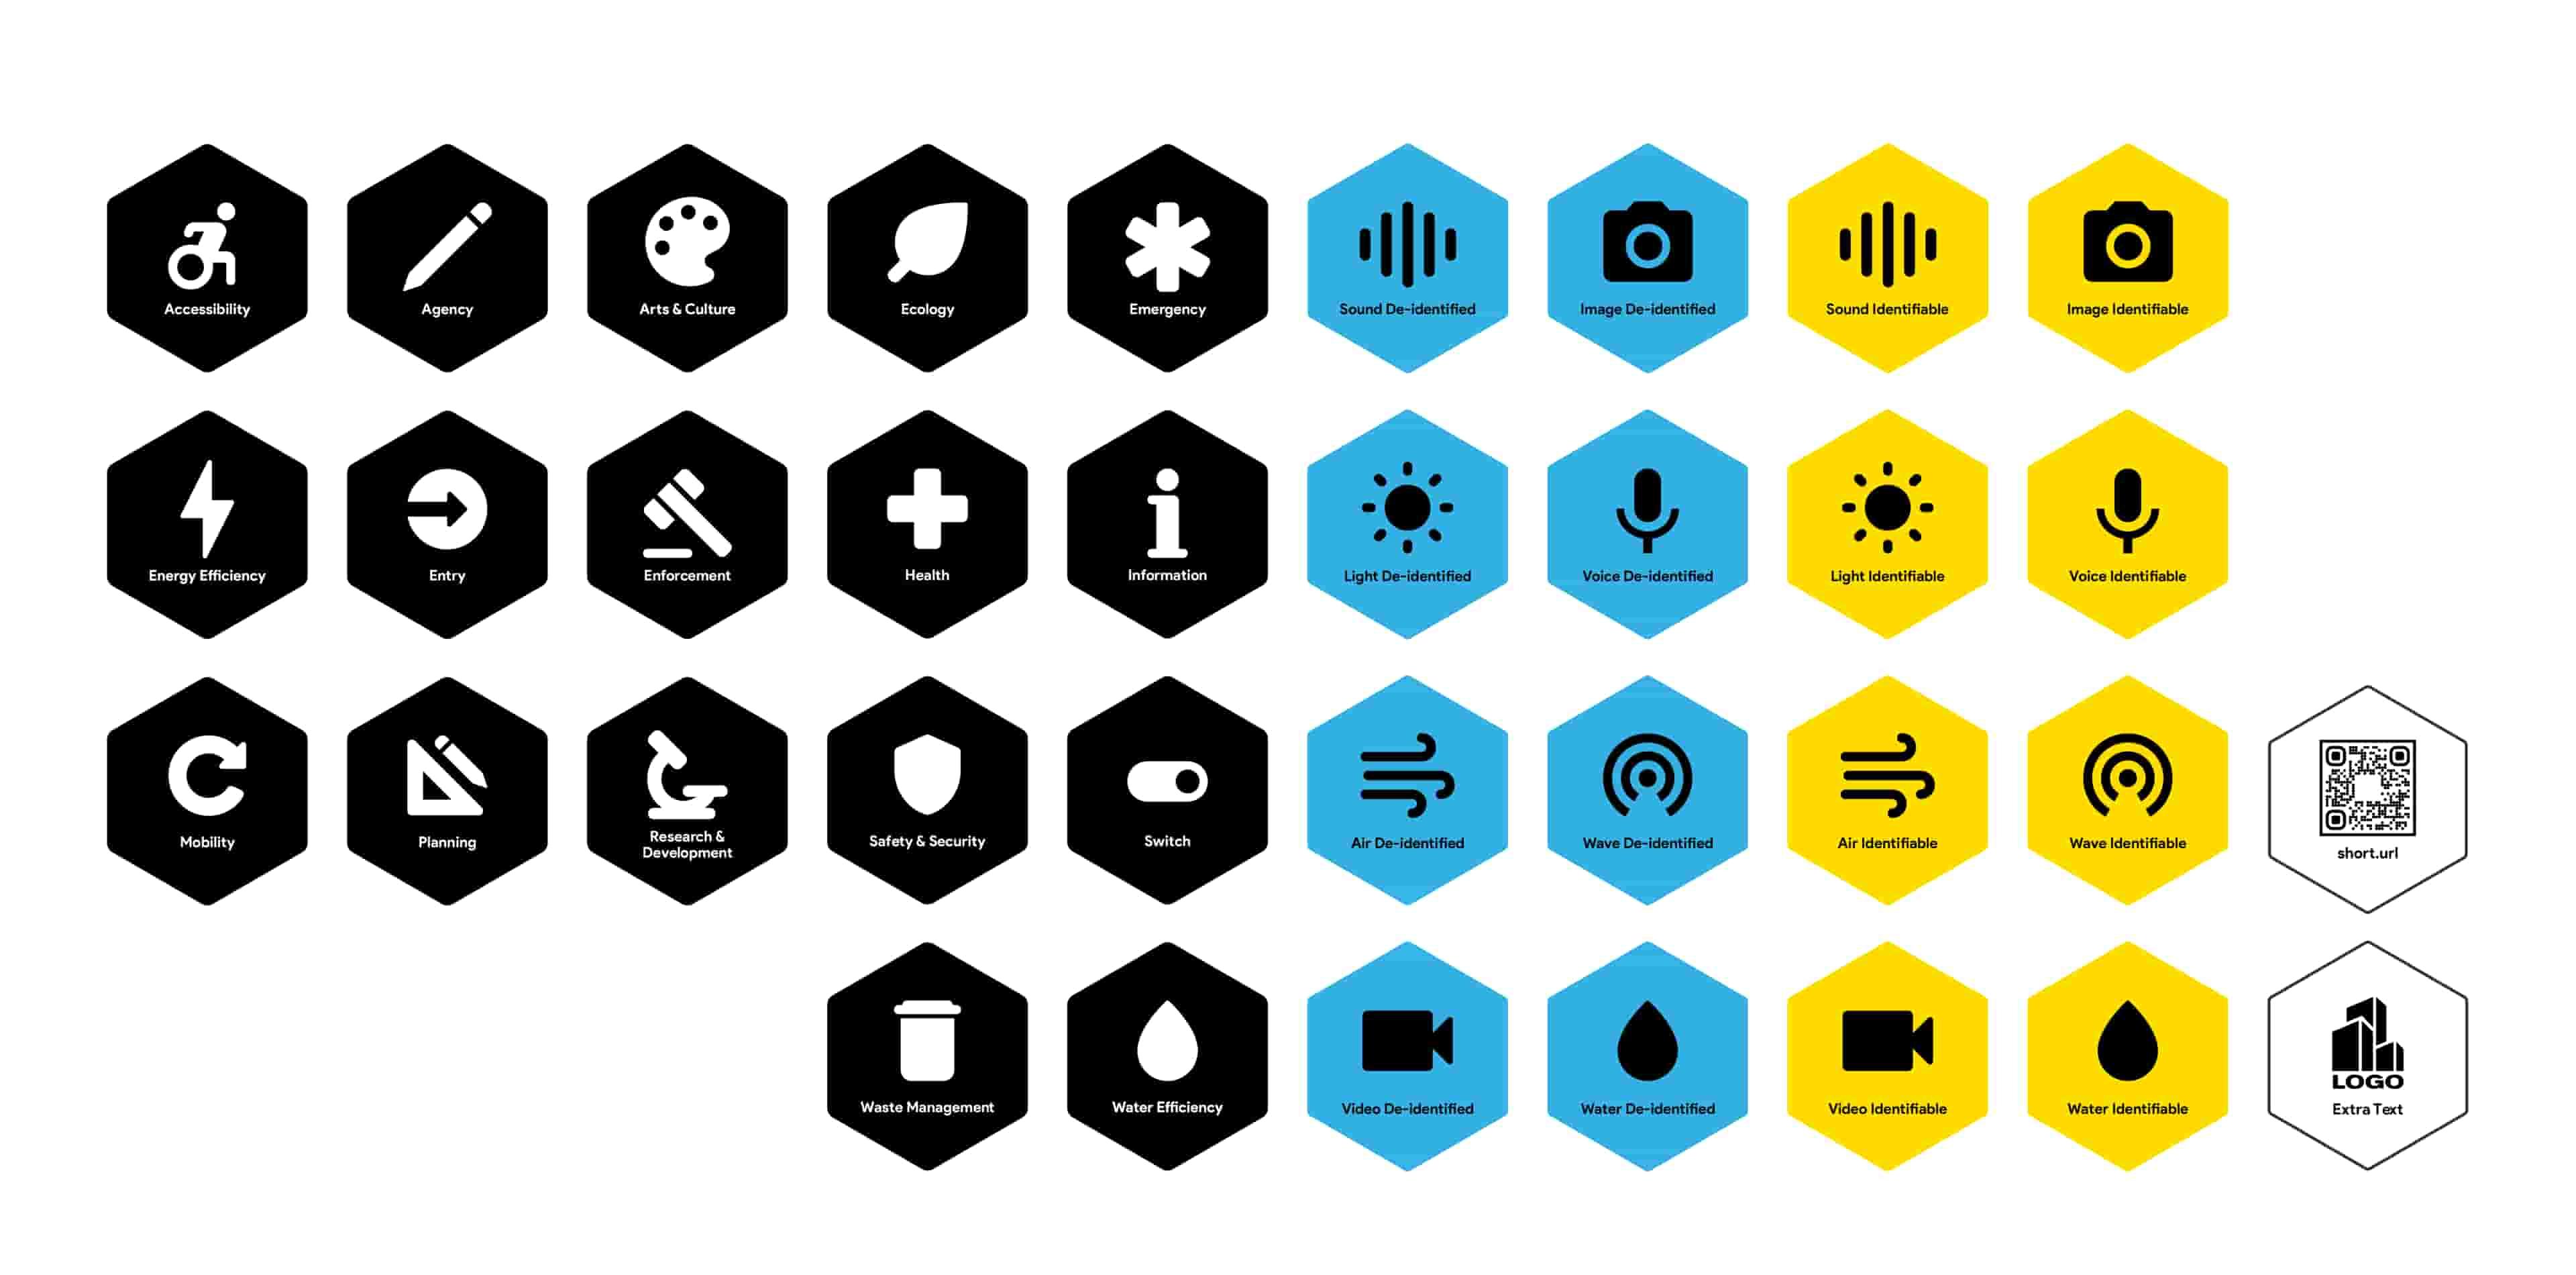 визуальные подсказки для умных городов - Alphabet/Sidewalk Labs